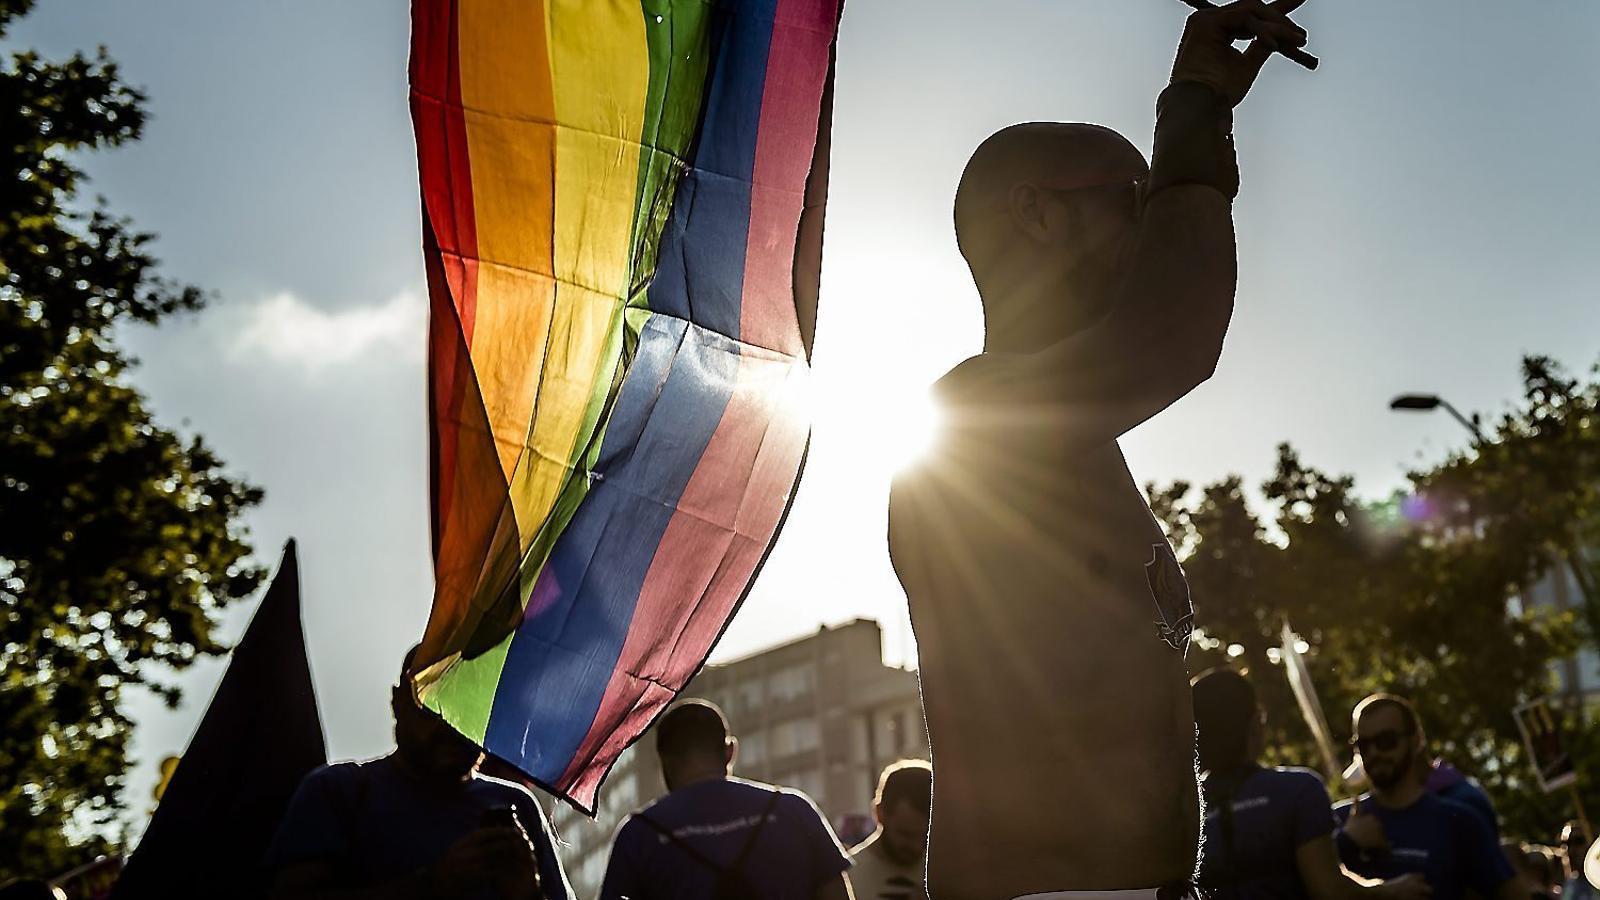 La transexualitat deixa de ser una malaltia per a l'OMS